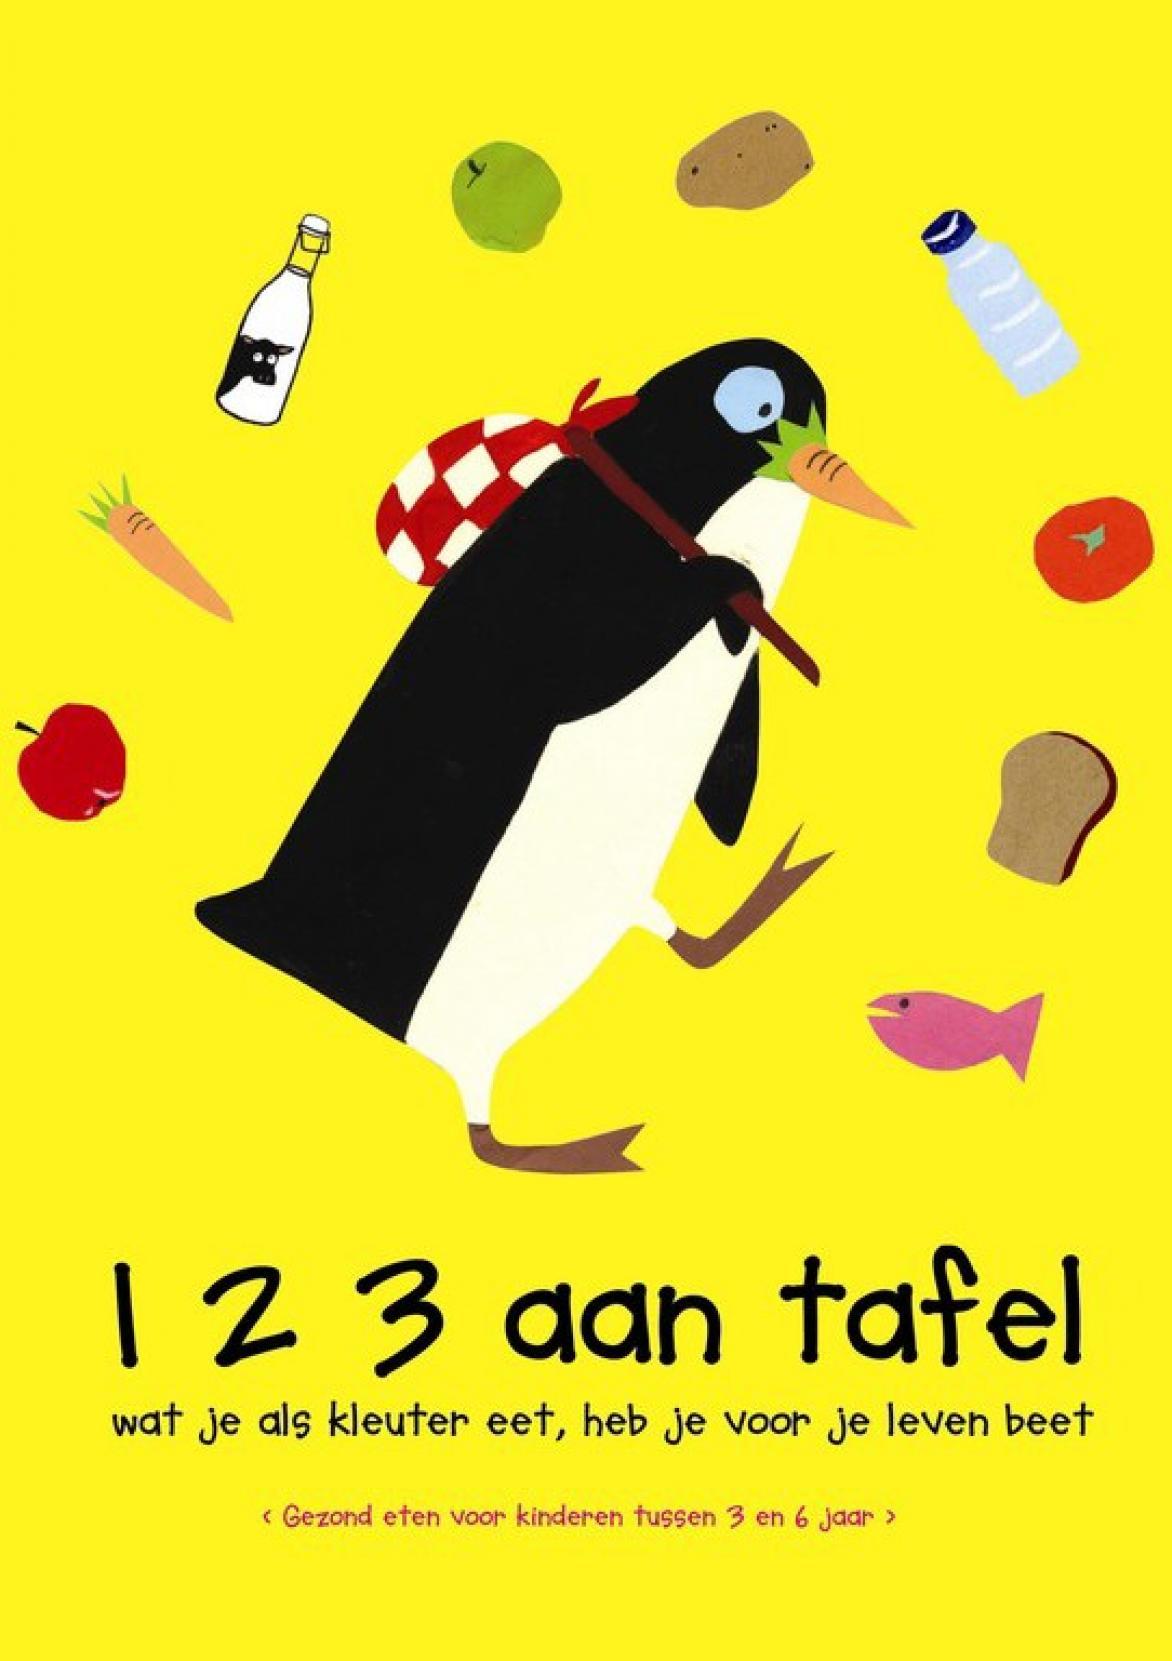 Kleurplaten Over Gezond Eten.123 Aan Tafel Gezond Eten Voor Kinderen Tussen 3 En 6 Jaar